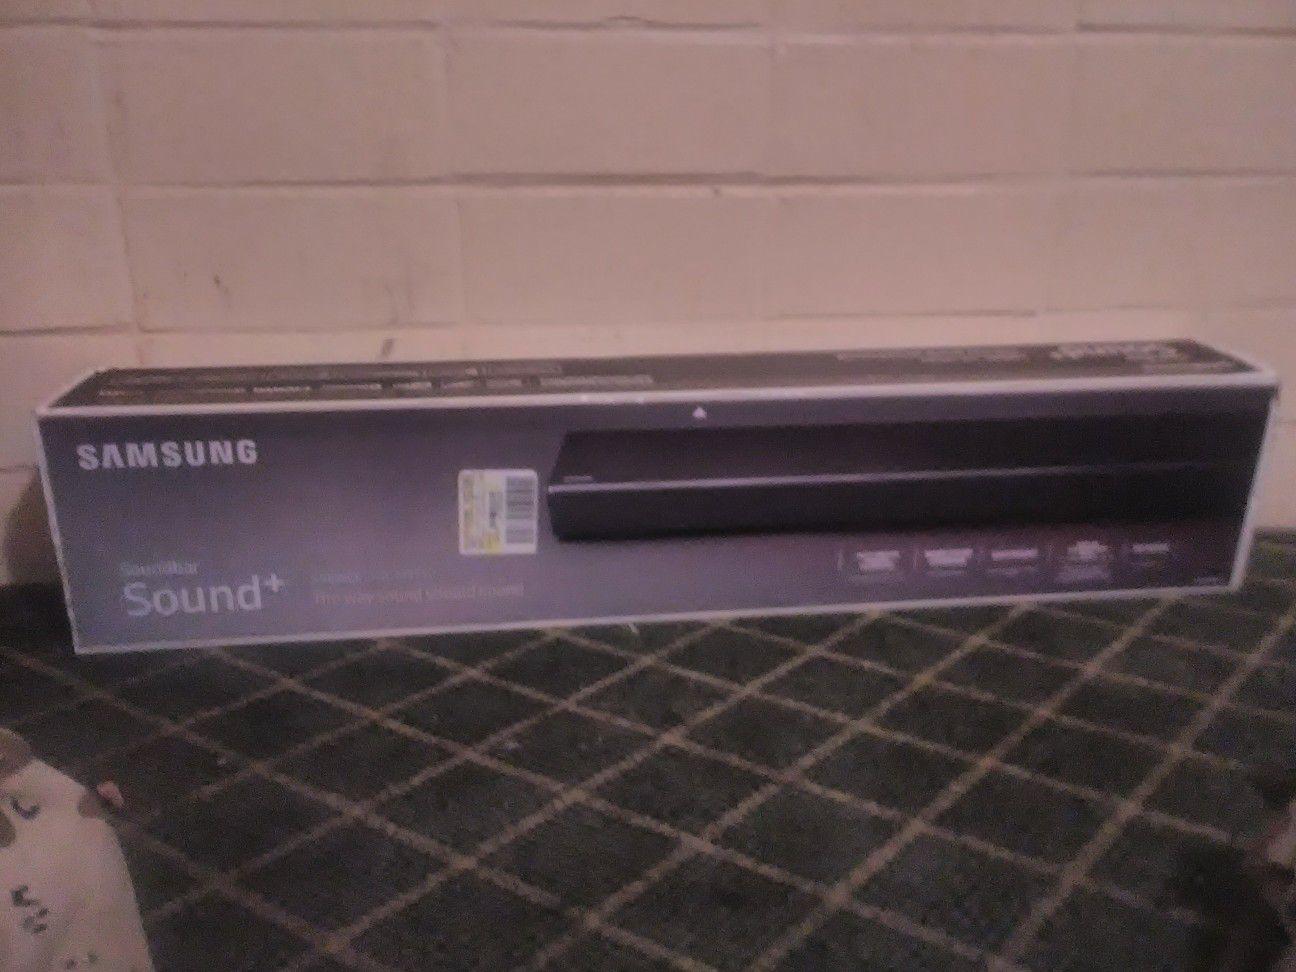 Samsung Soundbar plus 5 series